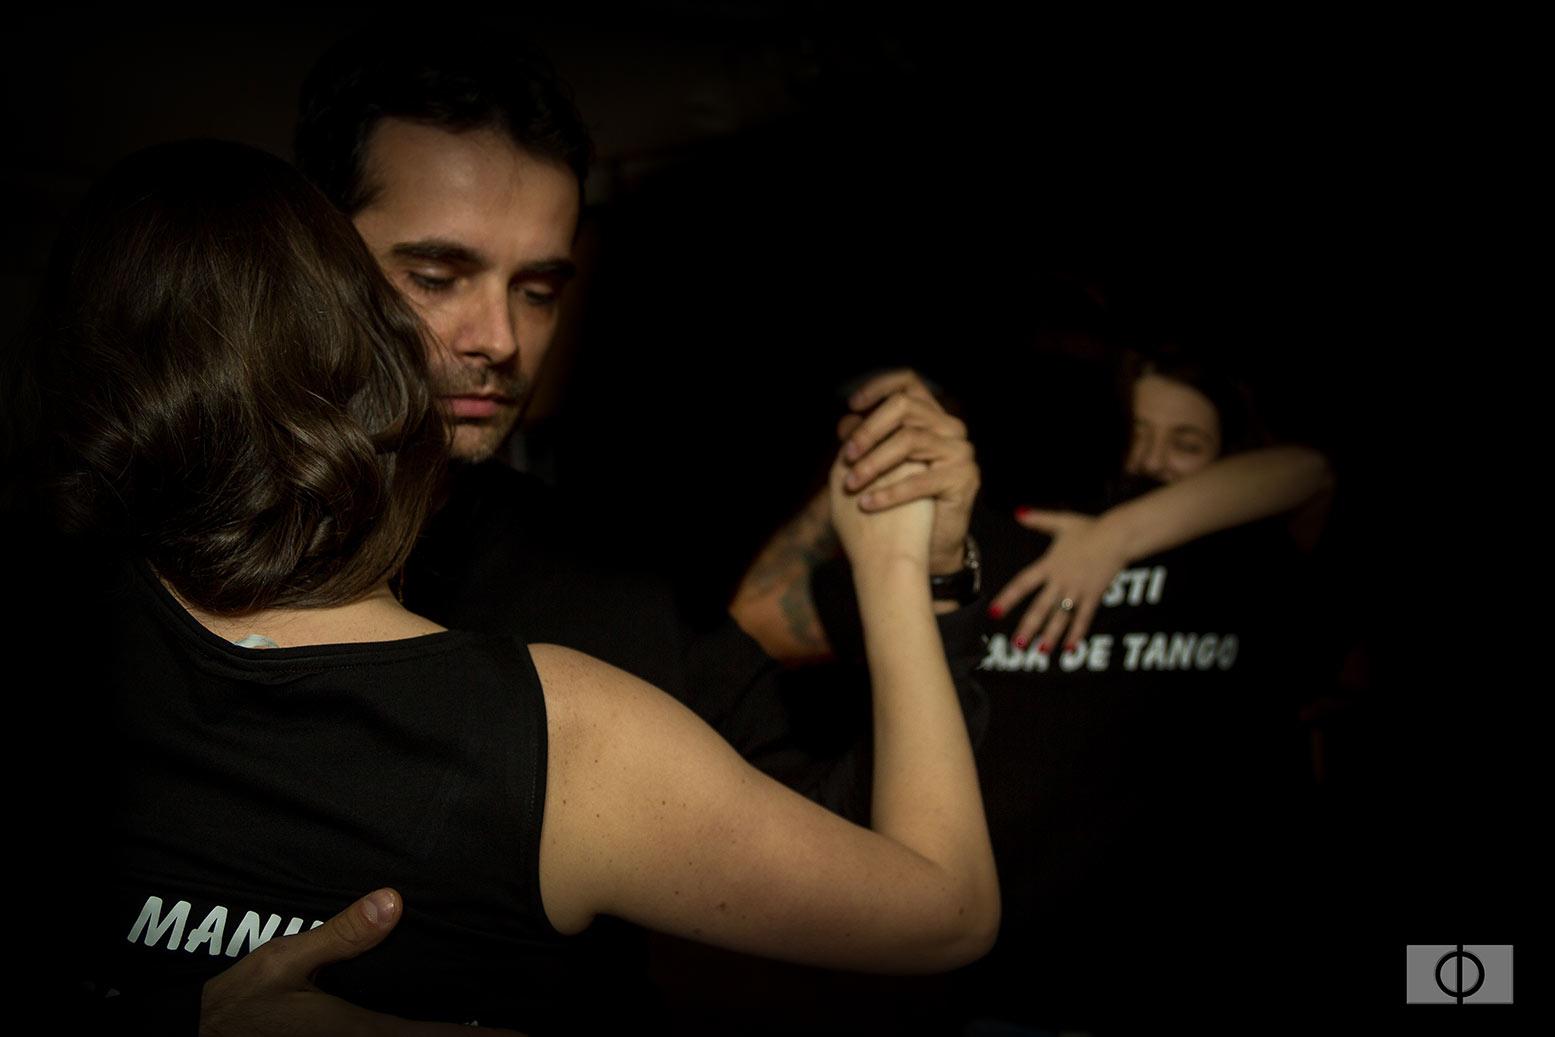 casa-de-tango-1